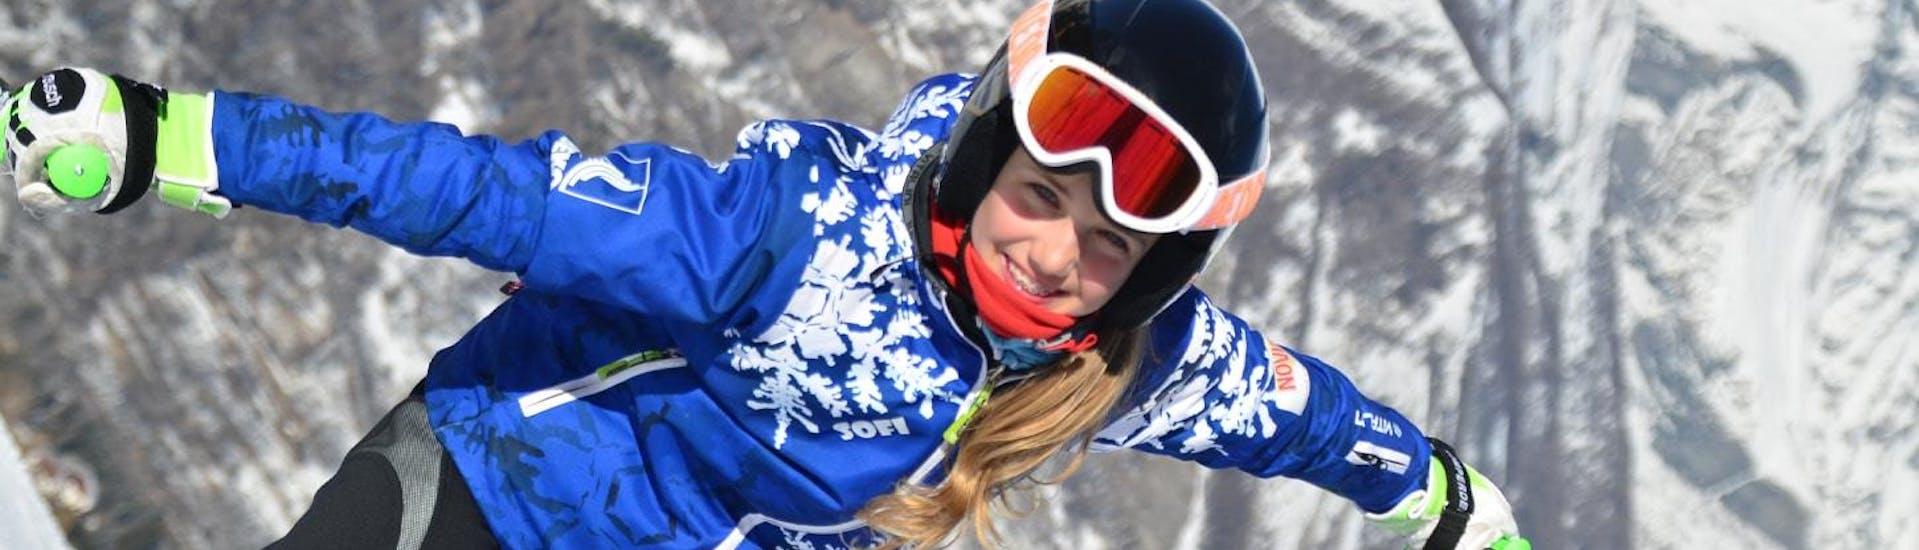 Une jeune fille apprend à faire du snowboard pendant un Cours de snowboard pour Enfants & Adultes - Haute-Saison, sous la supervision d'un moniteur expérimenté de l'école de ski Scuola di Sci Bardonecchia.